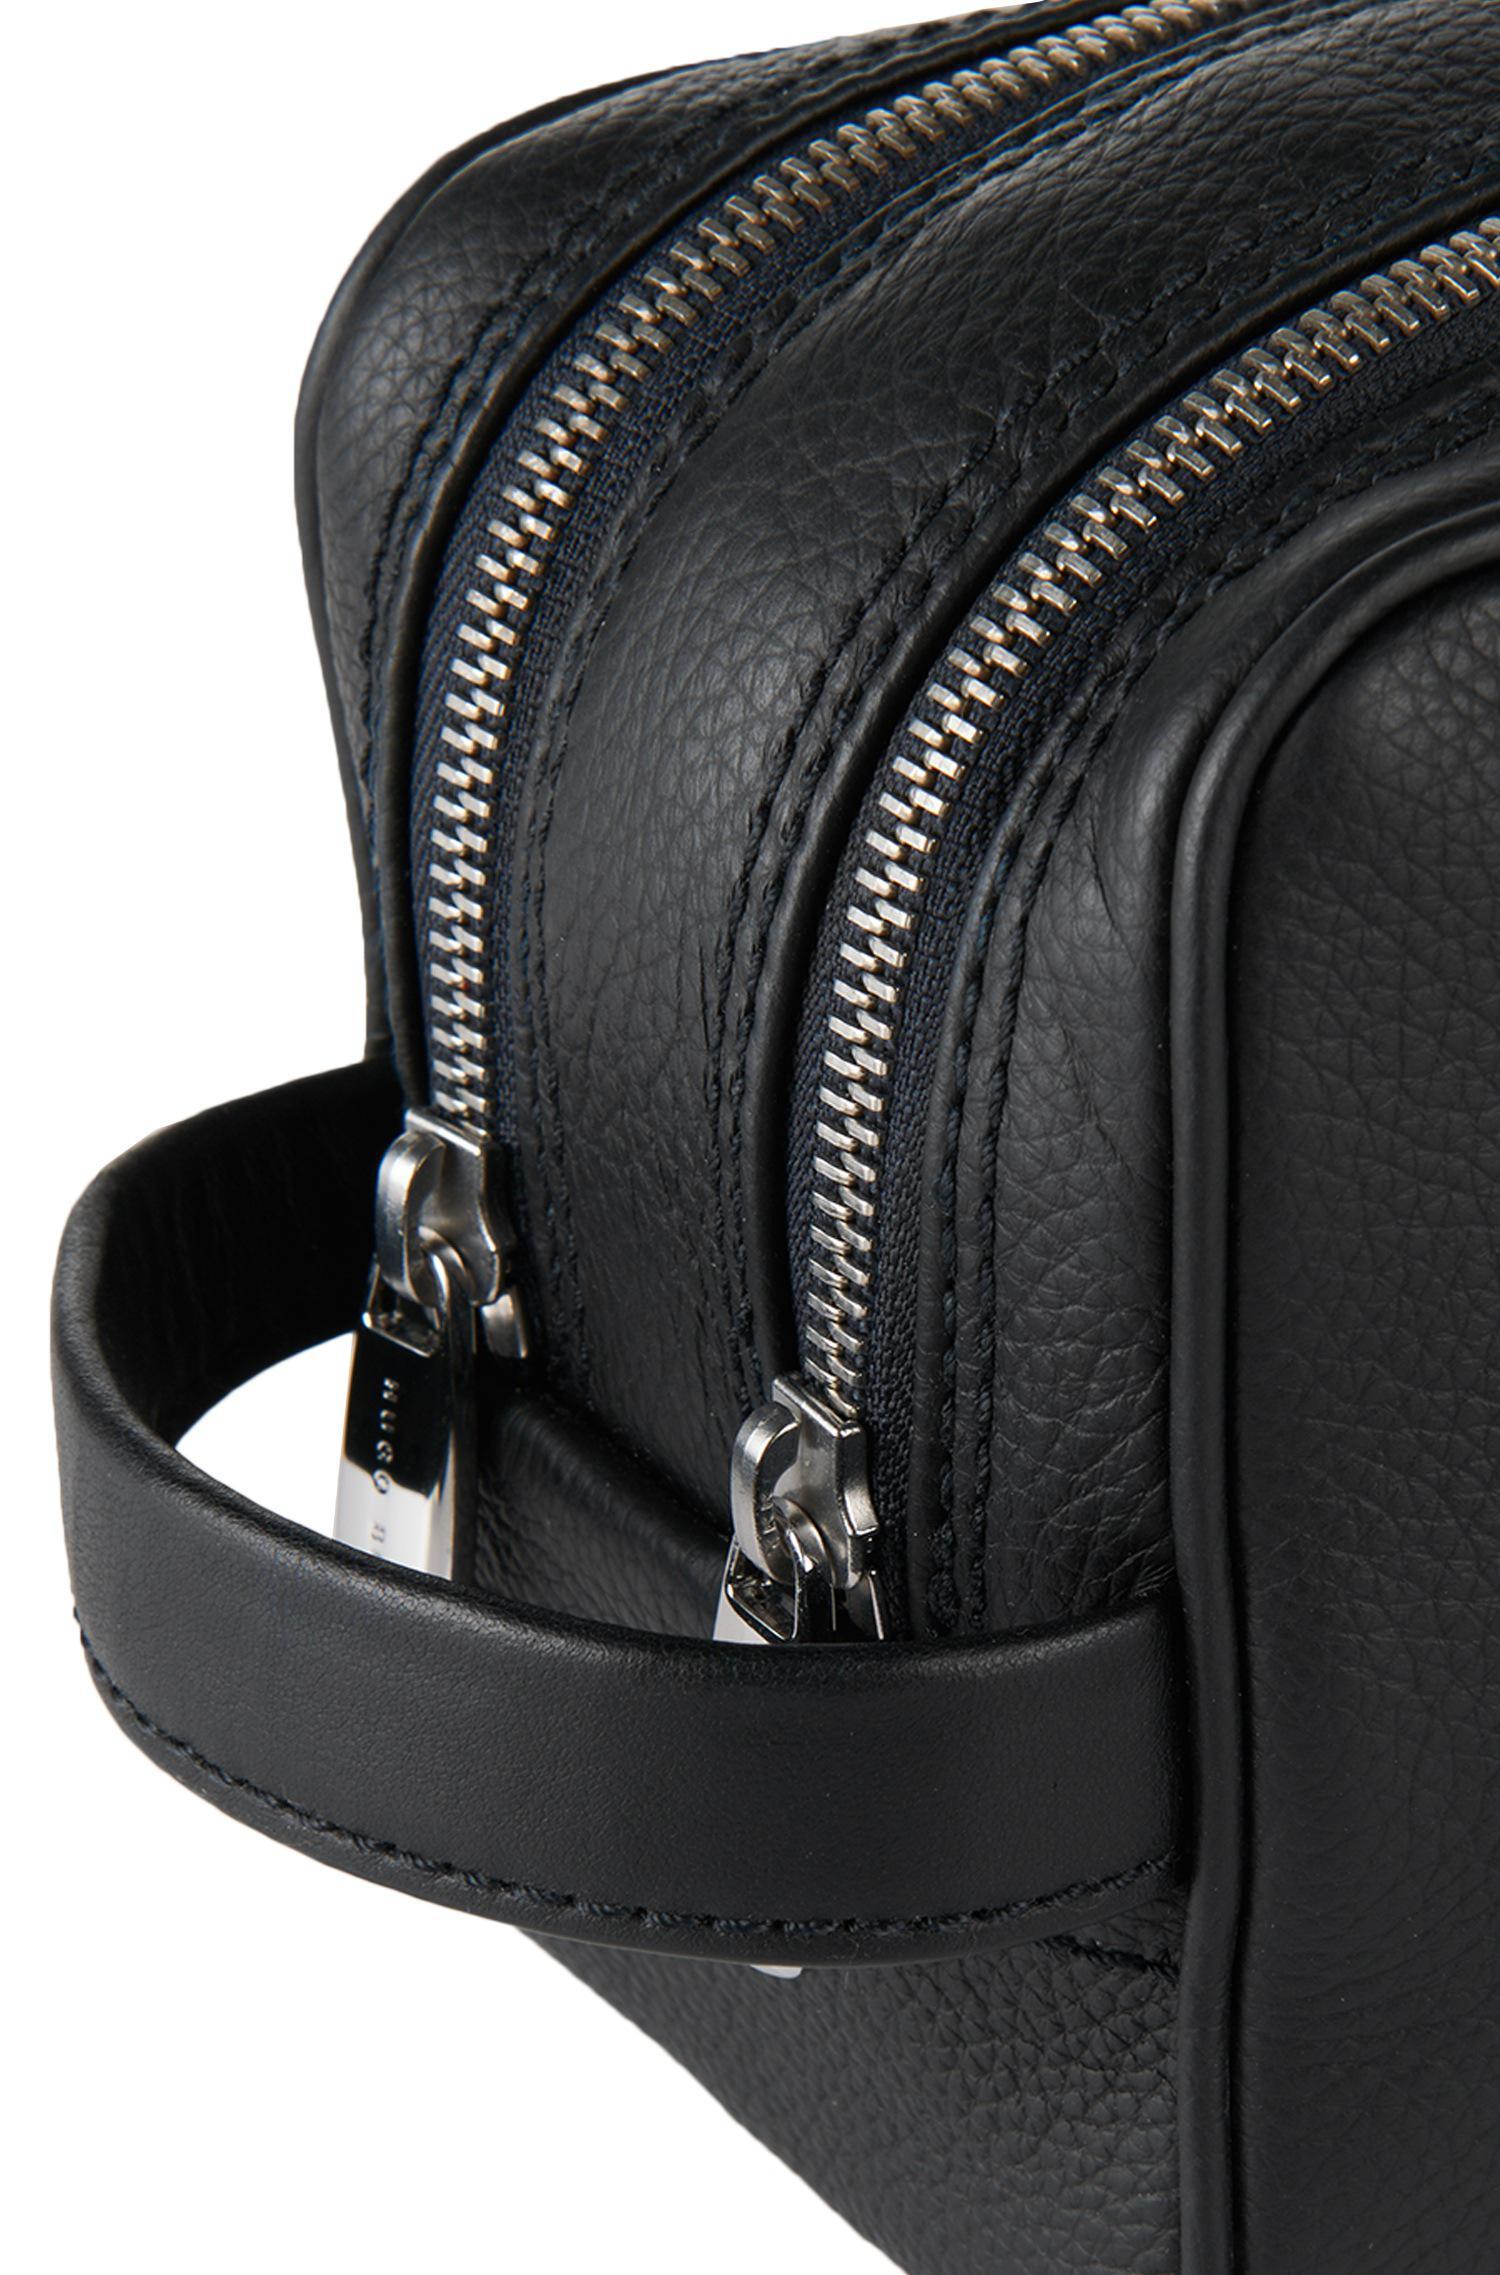 272cfef4882c BOSS Leather Wash Bag   traveller washbag  in Black for Men - Lyst